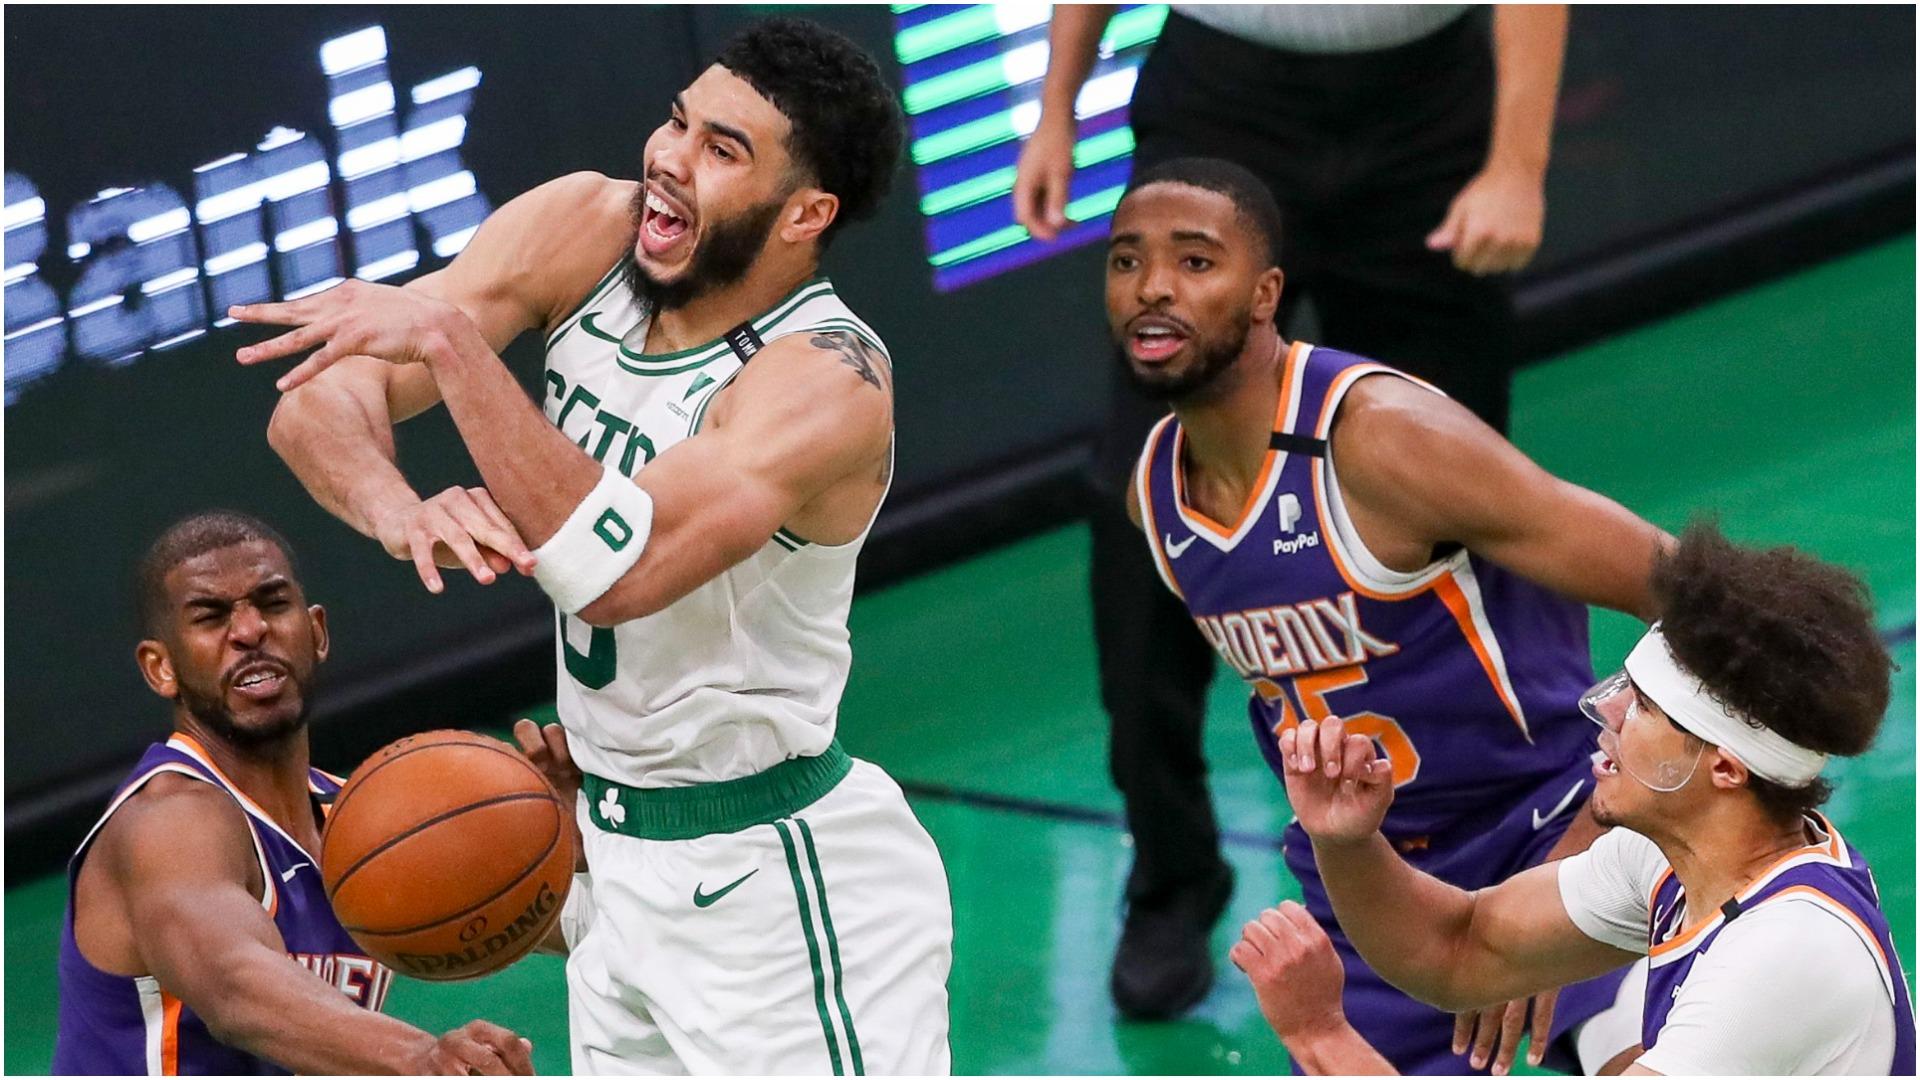 Brooklyn Nets merr kreun në Lindje, shkëlqimi i Tatum nuk mjafton për Boston